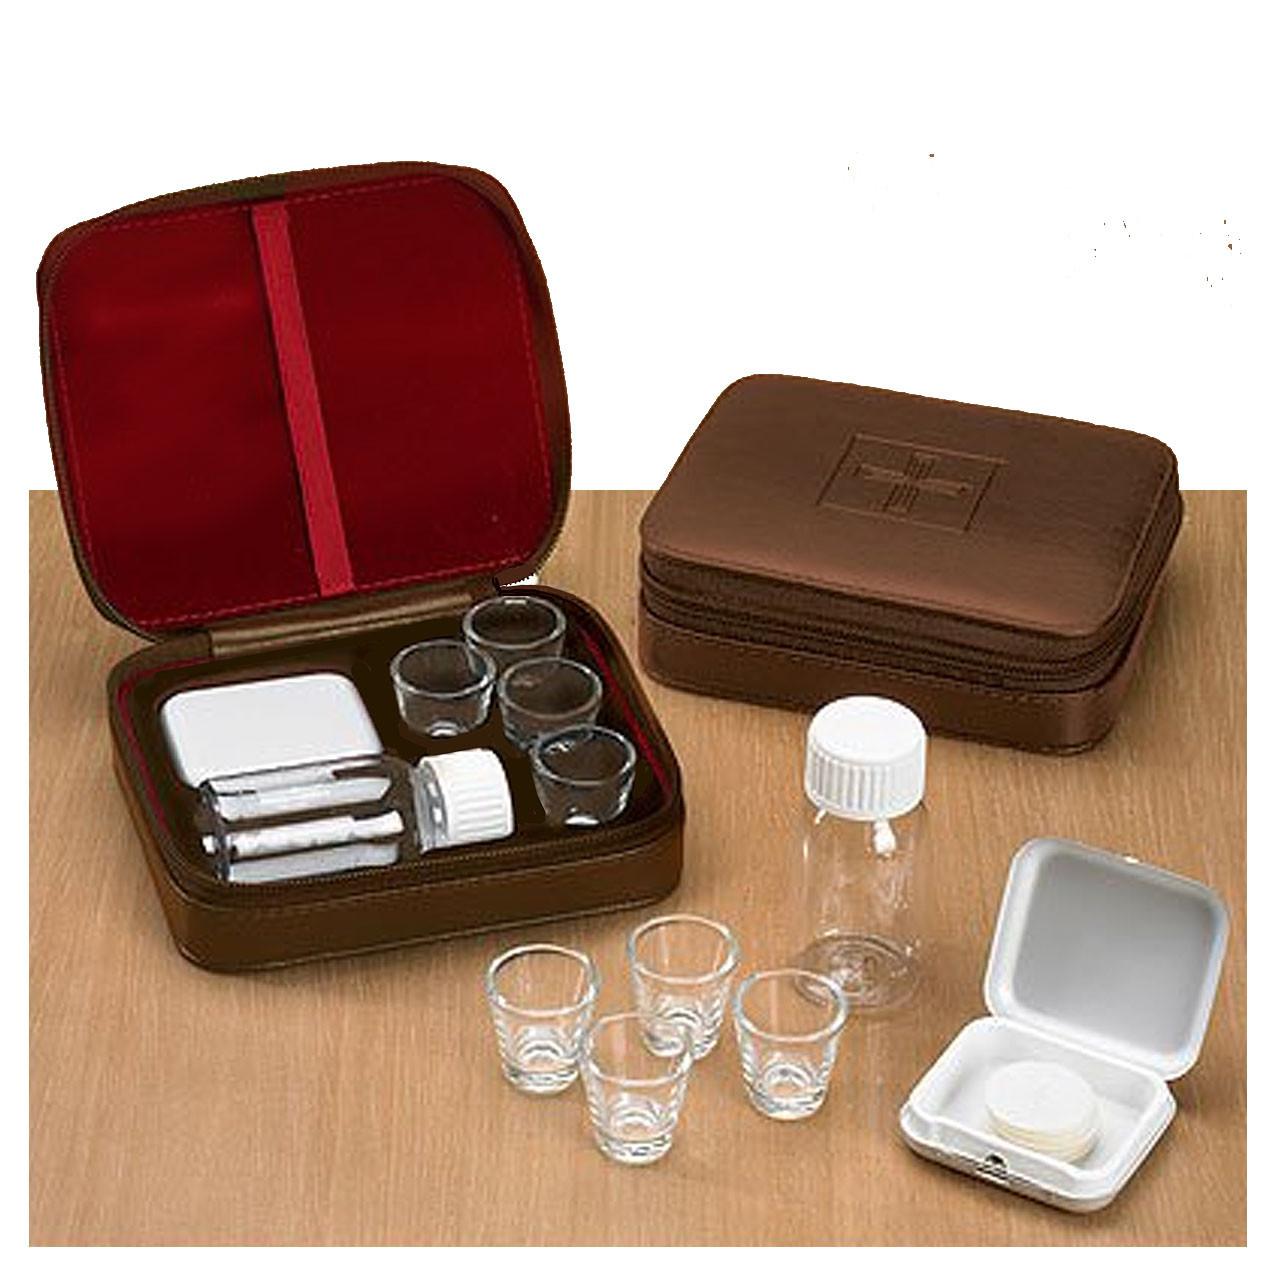 PS839 4-Cup Portable Communion Set